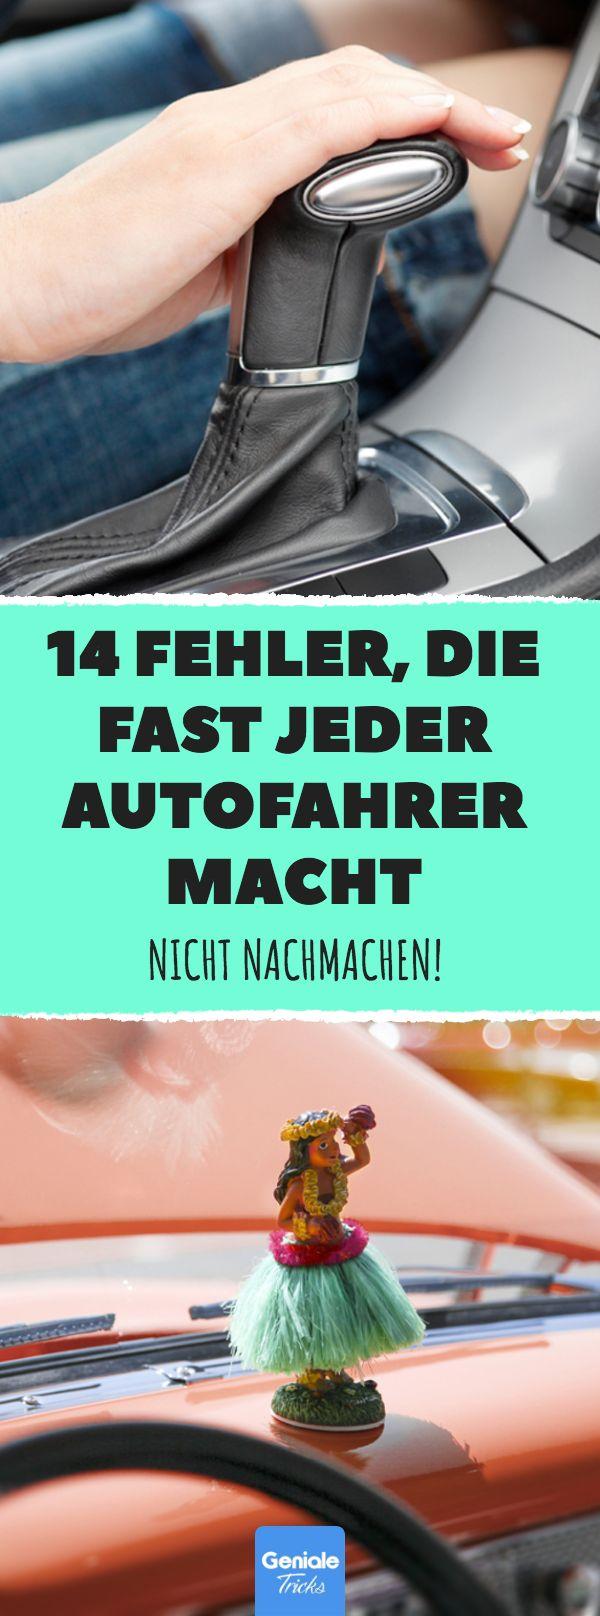 14 Fehler, die fast jeder Autofahrer macht. | Autos, Du